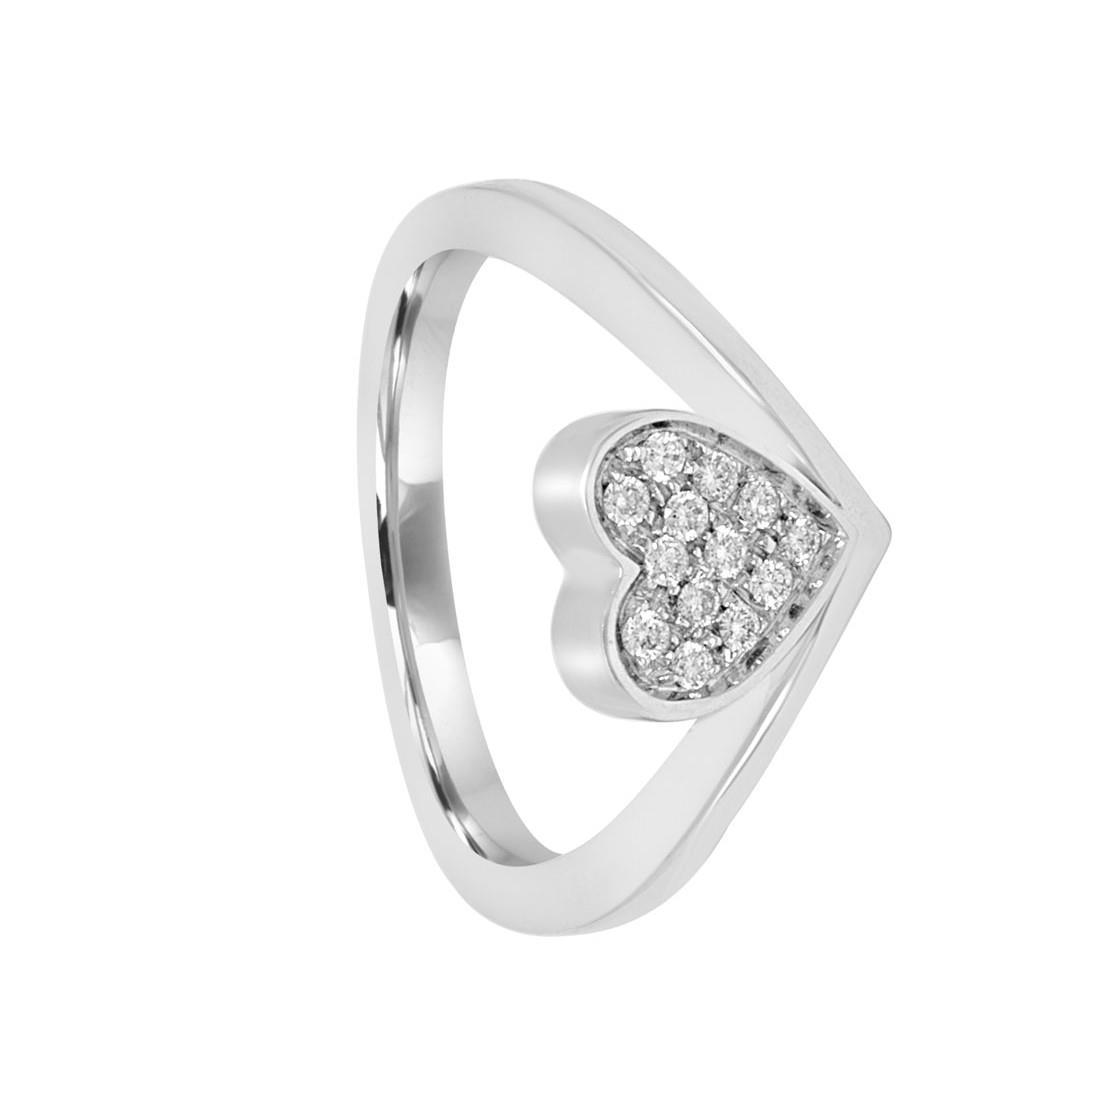 Anello in oro bianco design con diamanti mis 14 - SALVINI